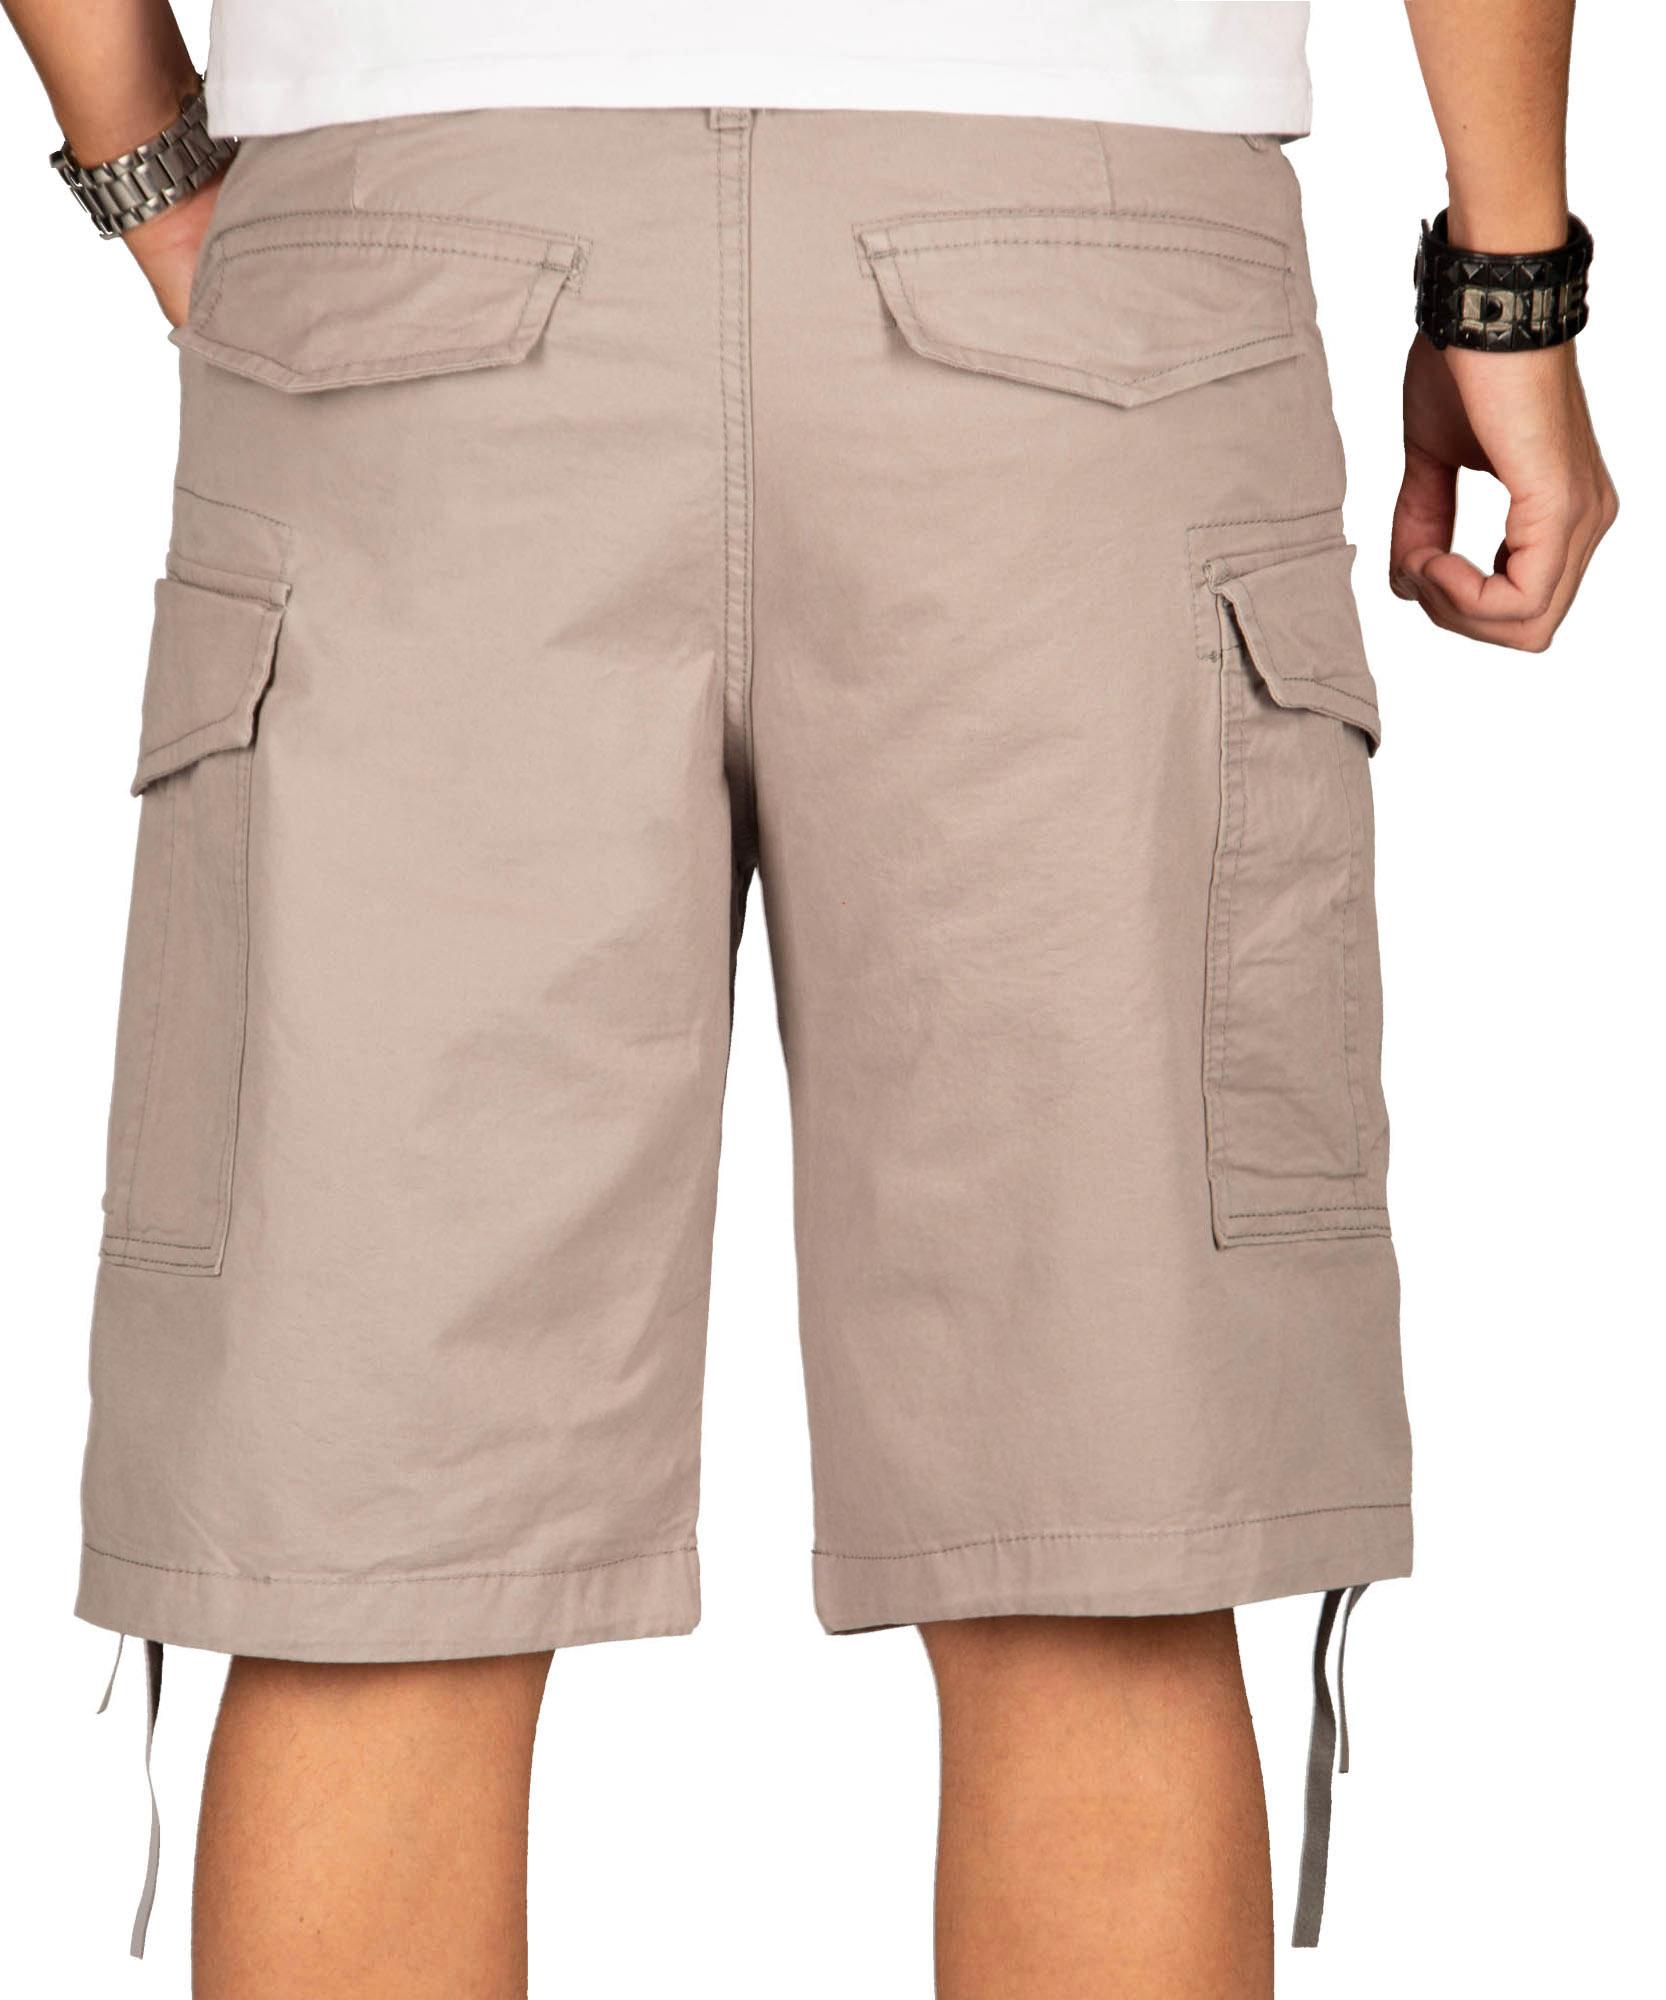 A-Salvarini-Herren-Comfort-Cargo-Shorts-Cargoshorts-kurze-Hose-Guertel-AS133-NEU Indexbild 17